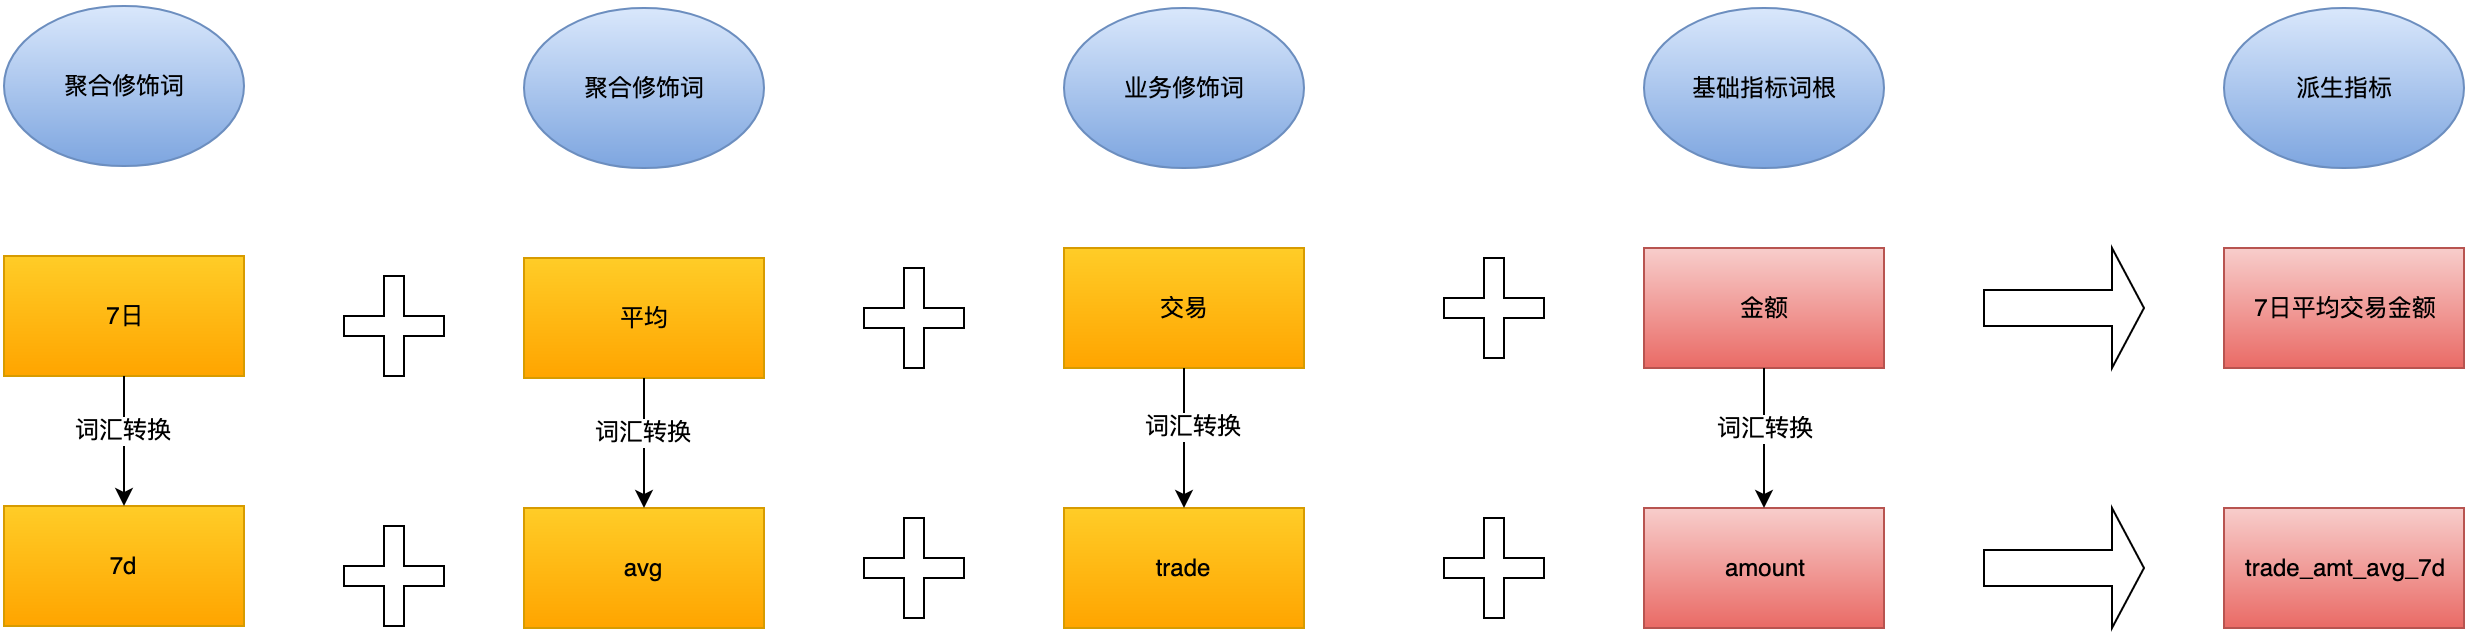 图9 聚合类指标规范